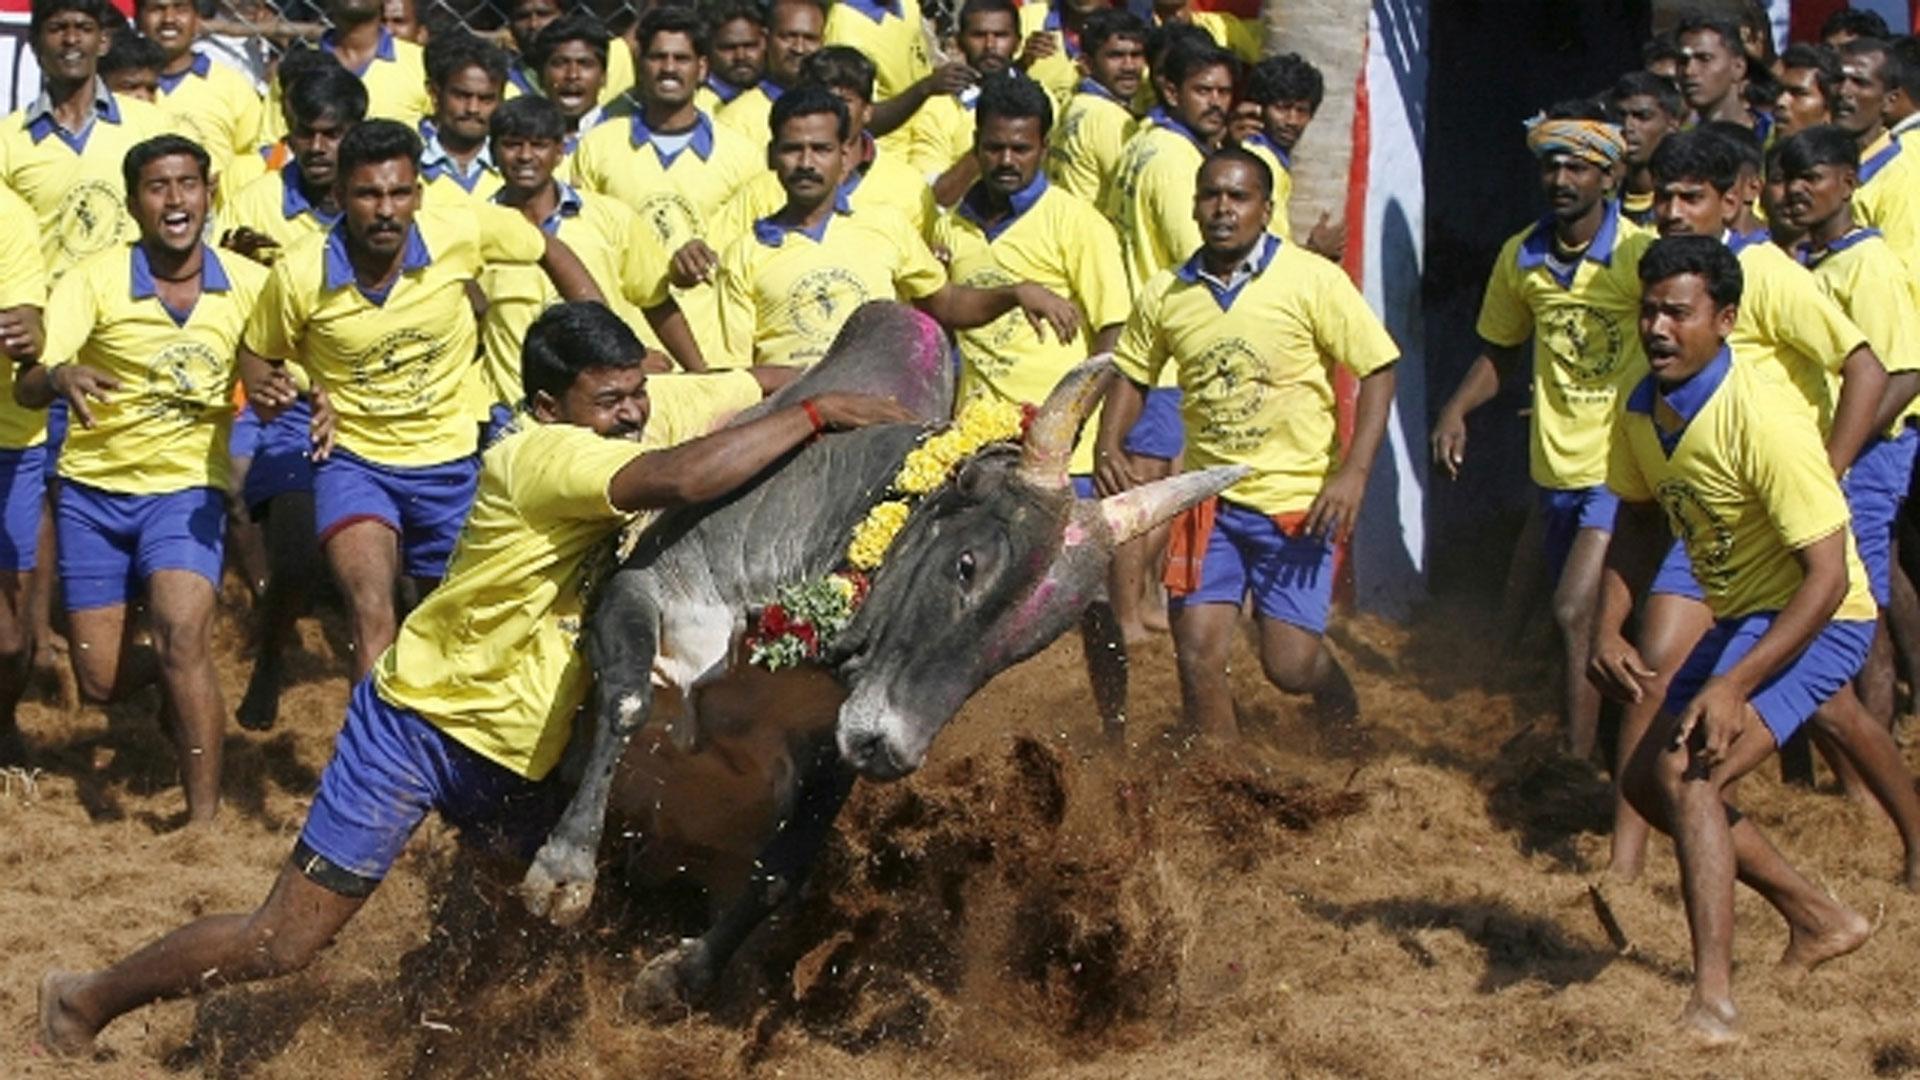 centre allows jallikattu in tamil nadu ahead of assembly polls dynamite news allows jallikattu in tamil nadu ahead